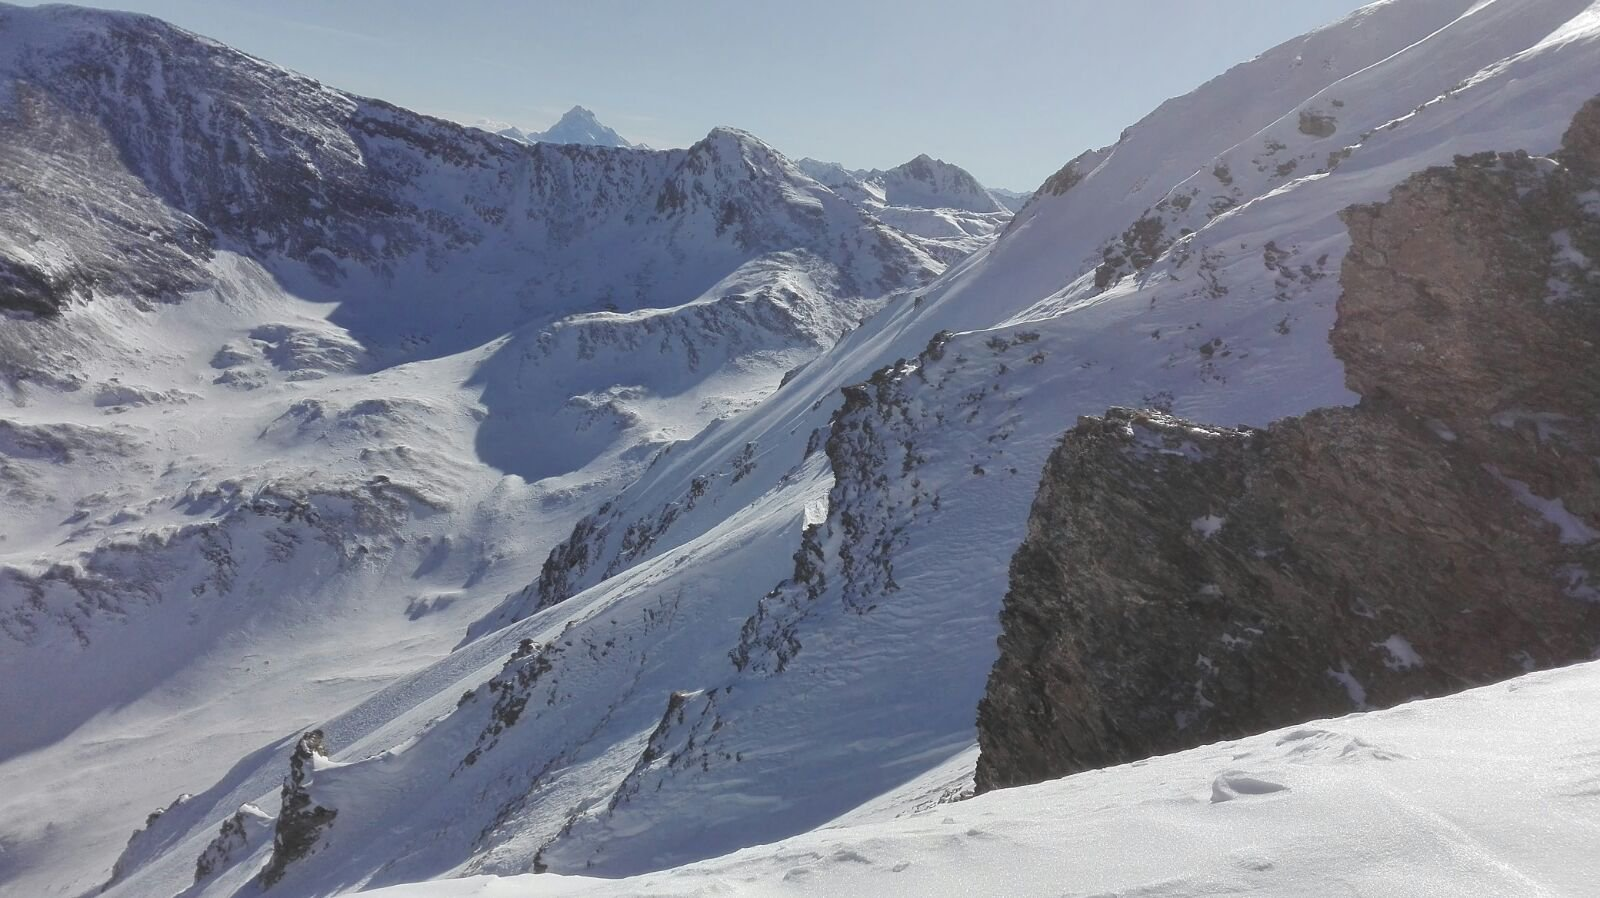 uno sguardo al vallone dell' Albergian, con Monviso